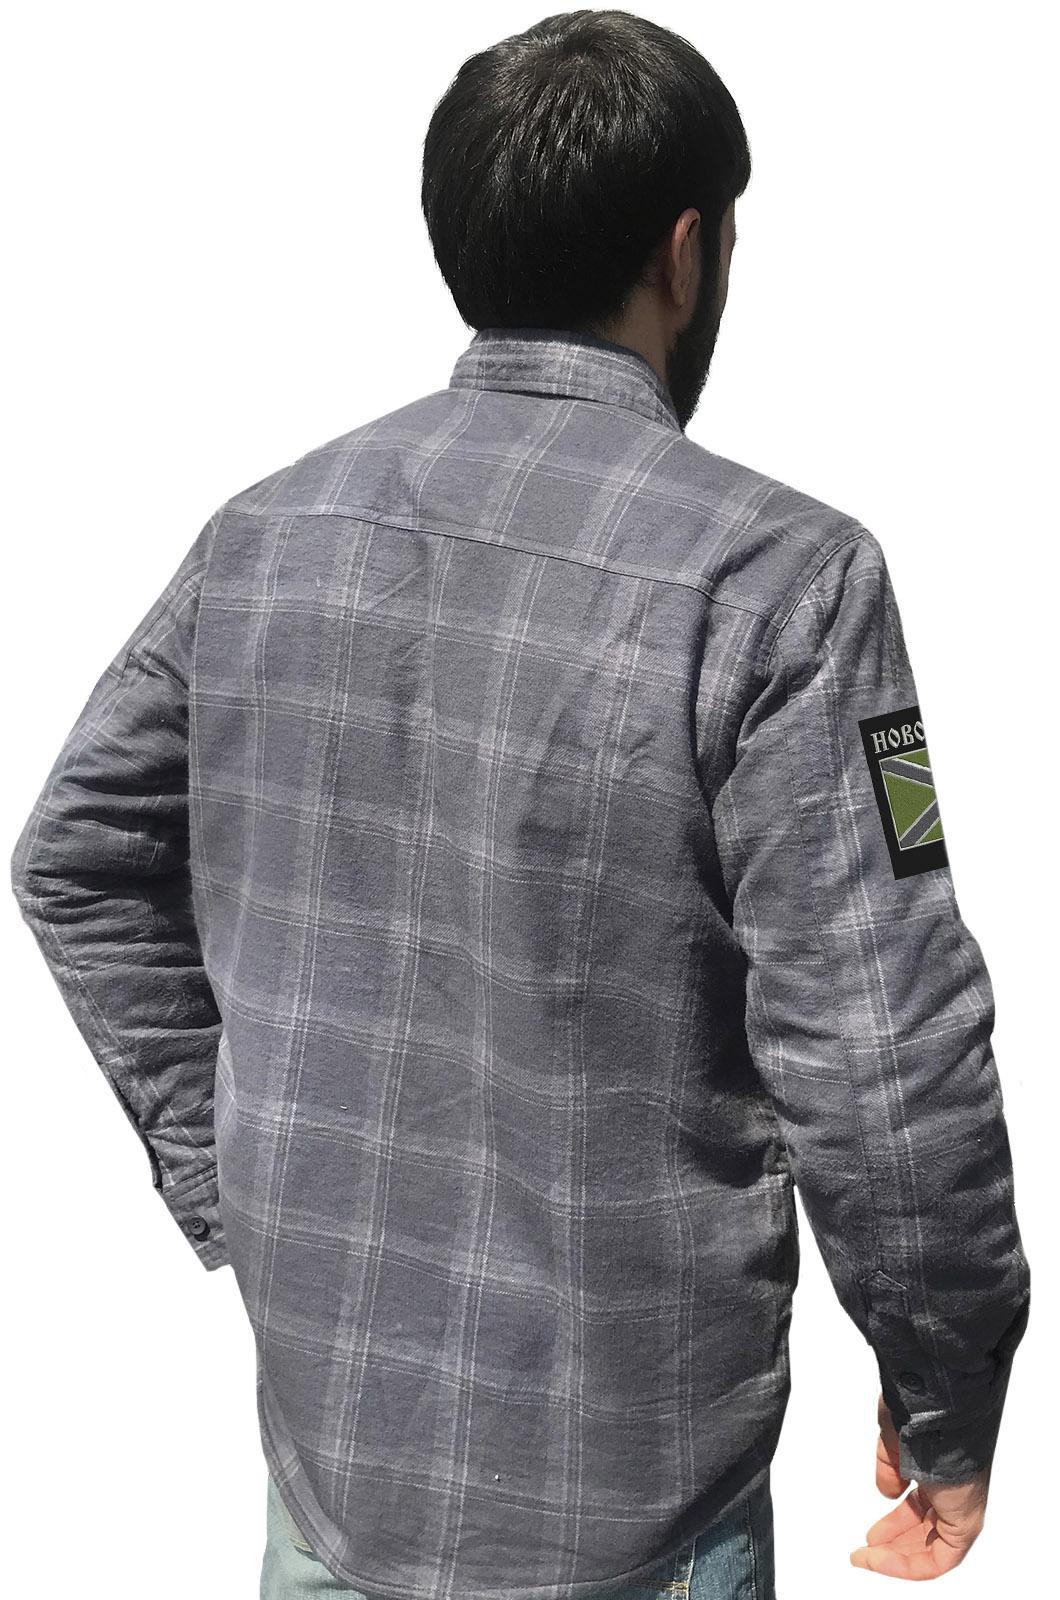 Купить крутую рубашку с вышитым полевым шевроном Новороссия оптом или в розницу